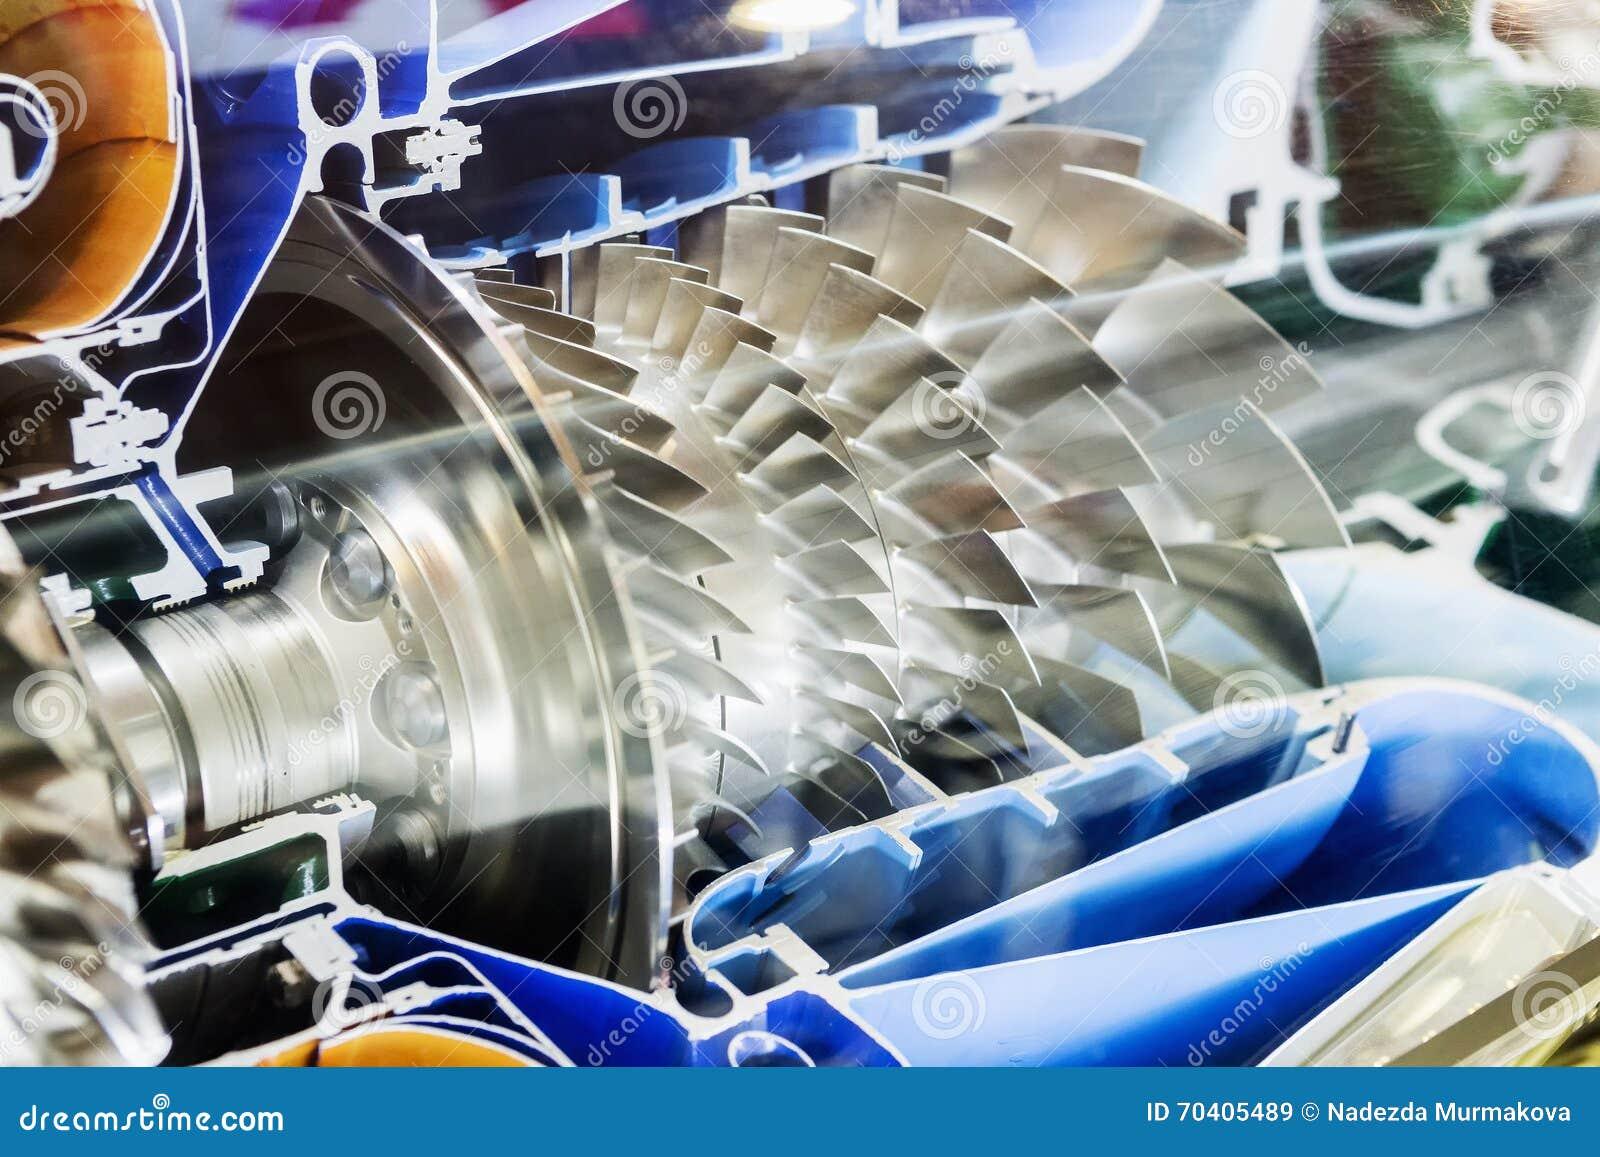 Turbinentriebwerk-Profil Luftfahrt-Technologien